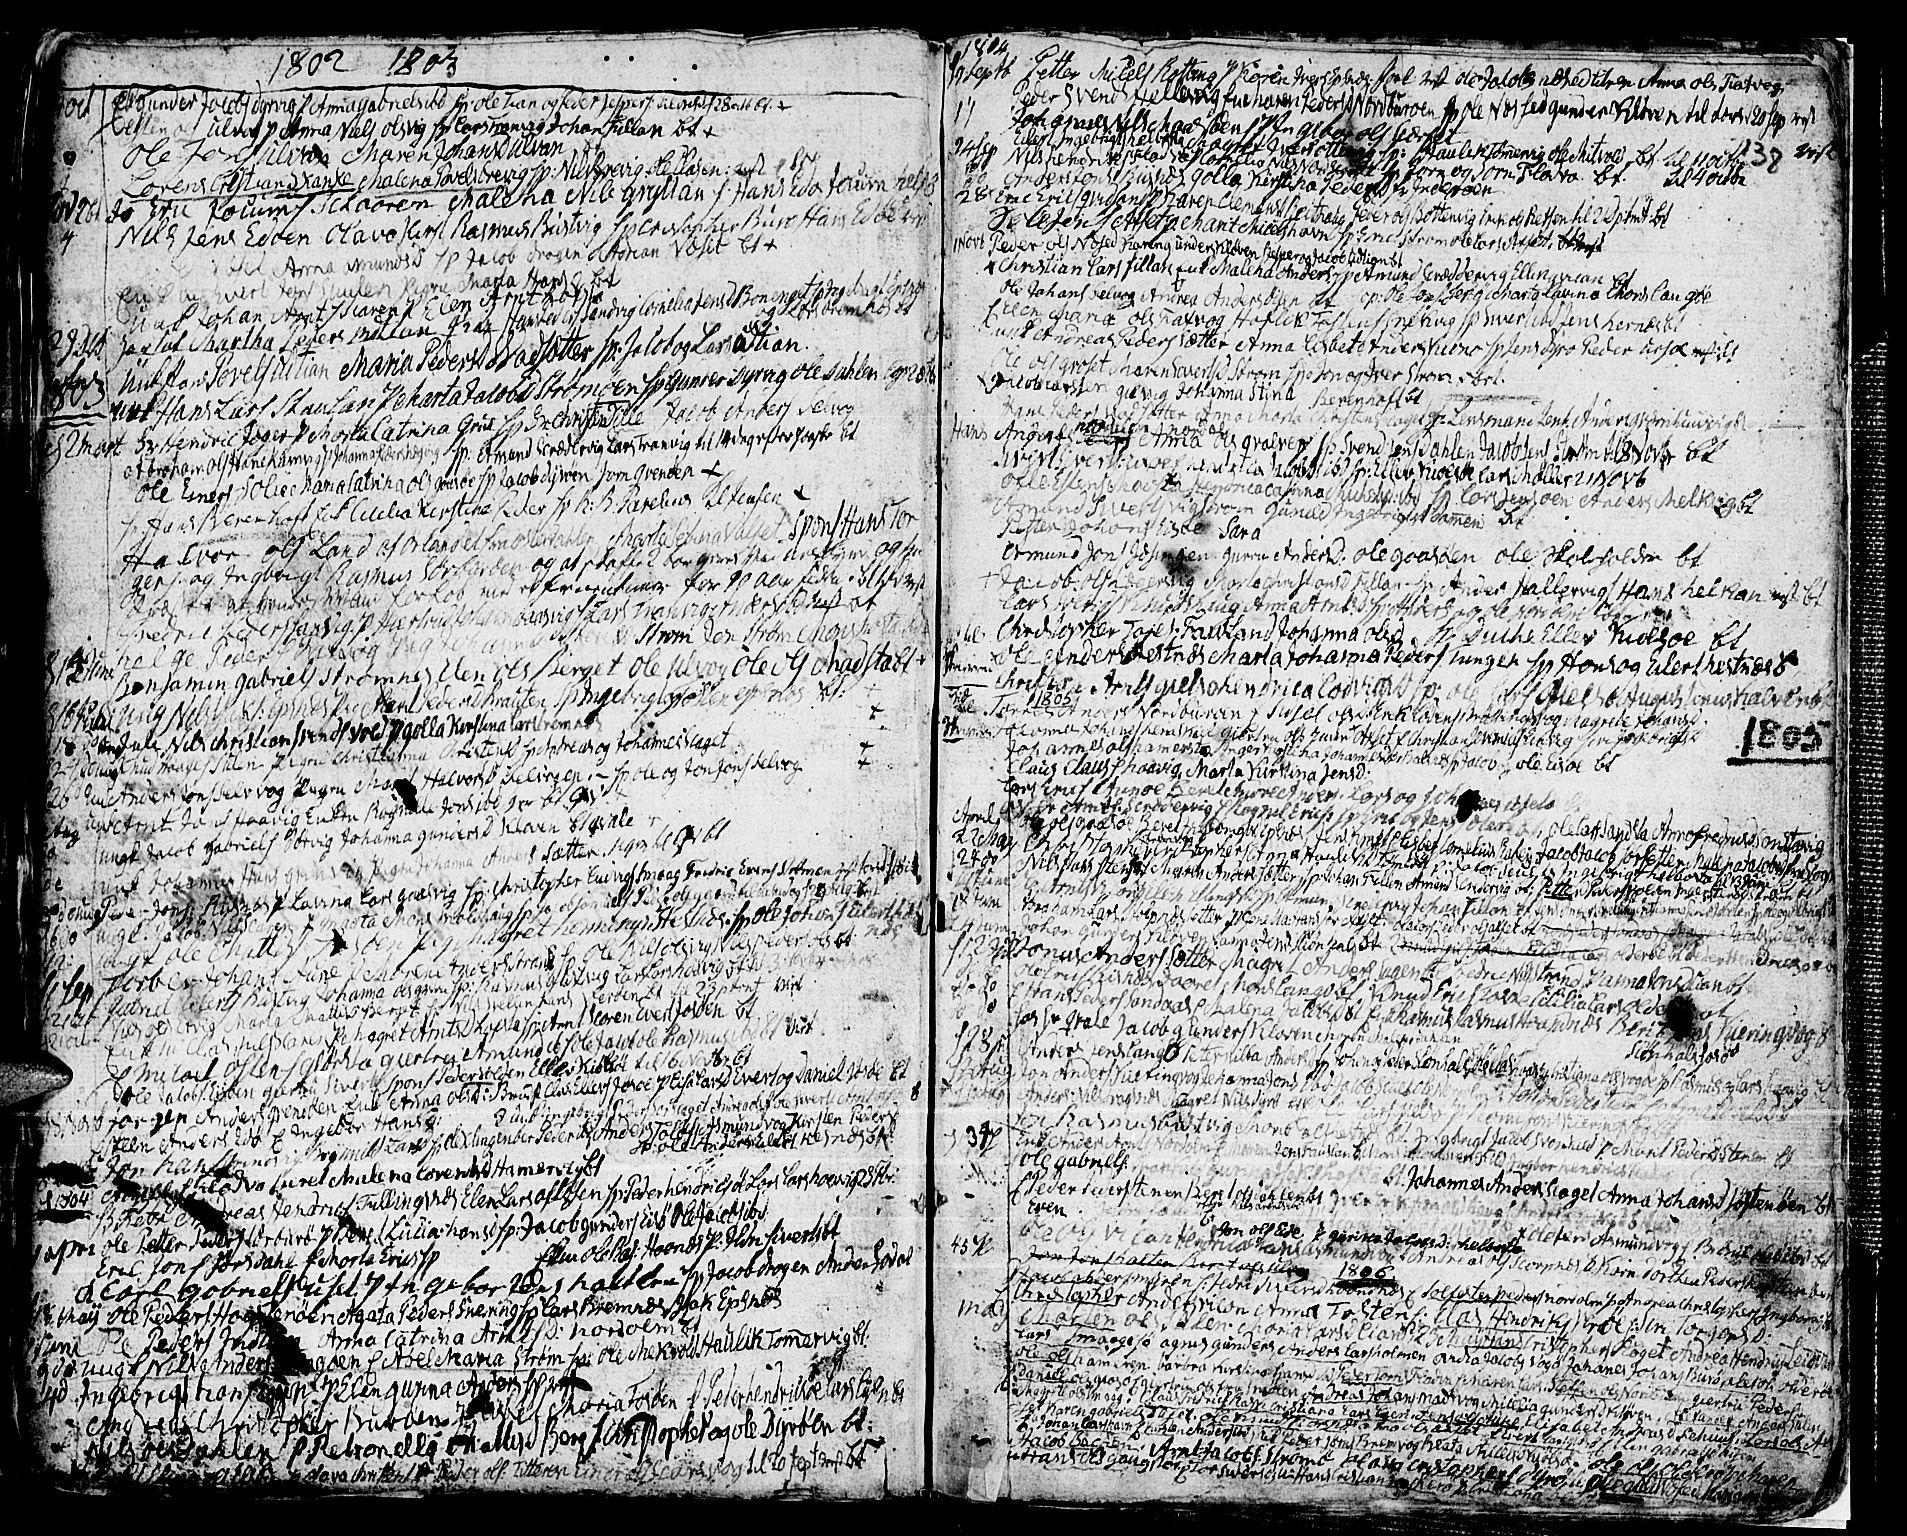 SAT, Ministerialprotokoller, klokkerbøker og fødselsregistre - Sør-Trøndelag, 634/L0526: Ministerialbok nr. 634A02, 1775-1818, s. 138